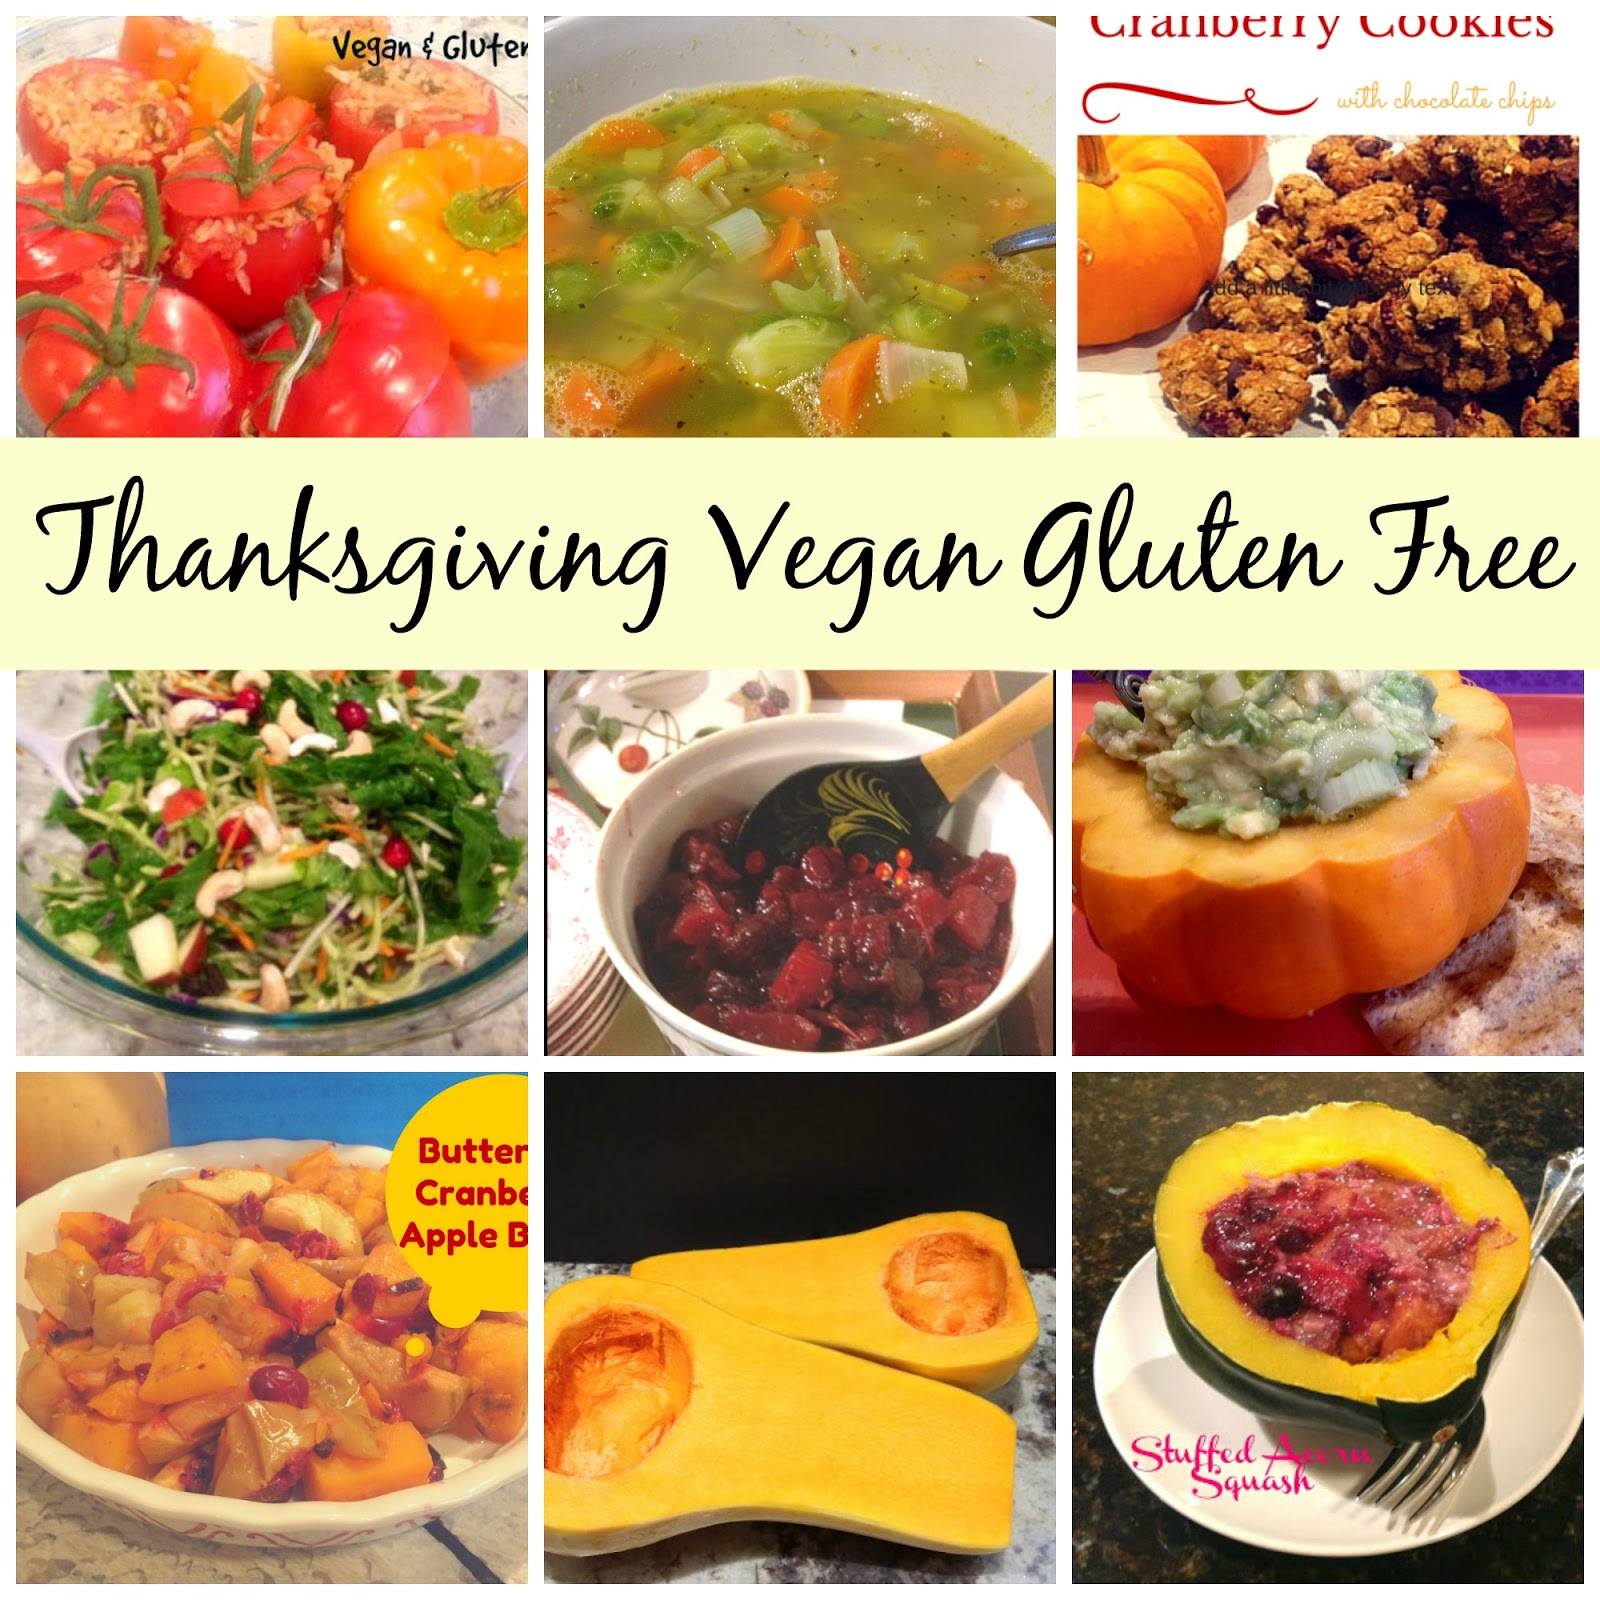 Gluten Free Thanksgiving Sides  Gluten Free A Z Healthy Vegan Thanksgiving Sides